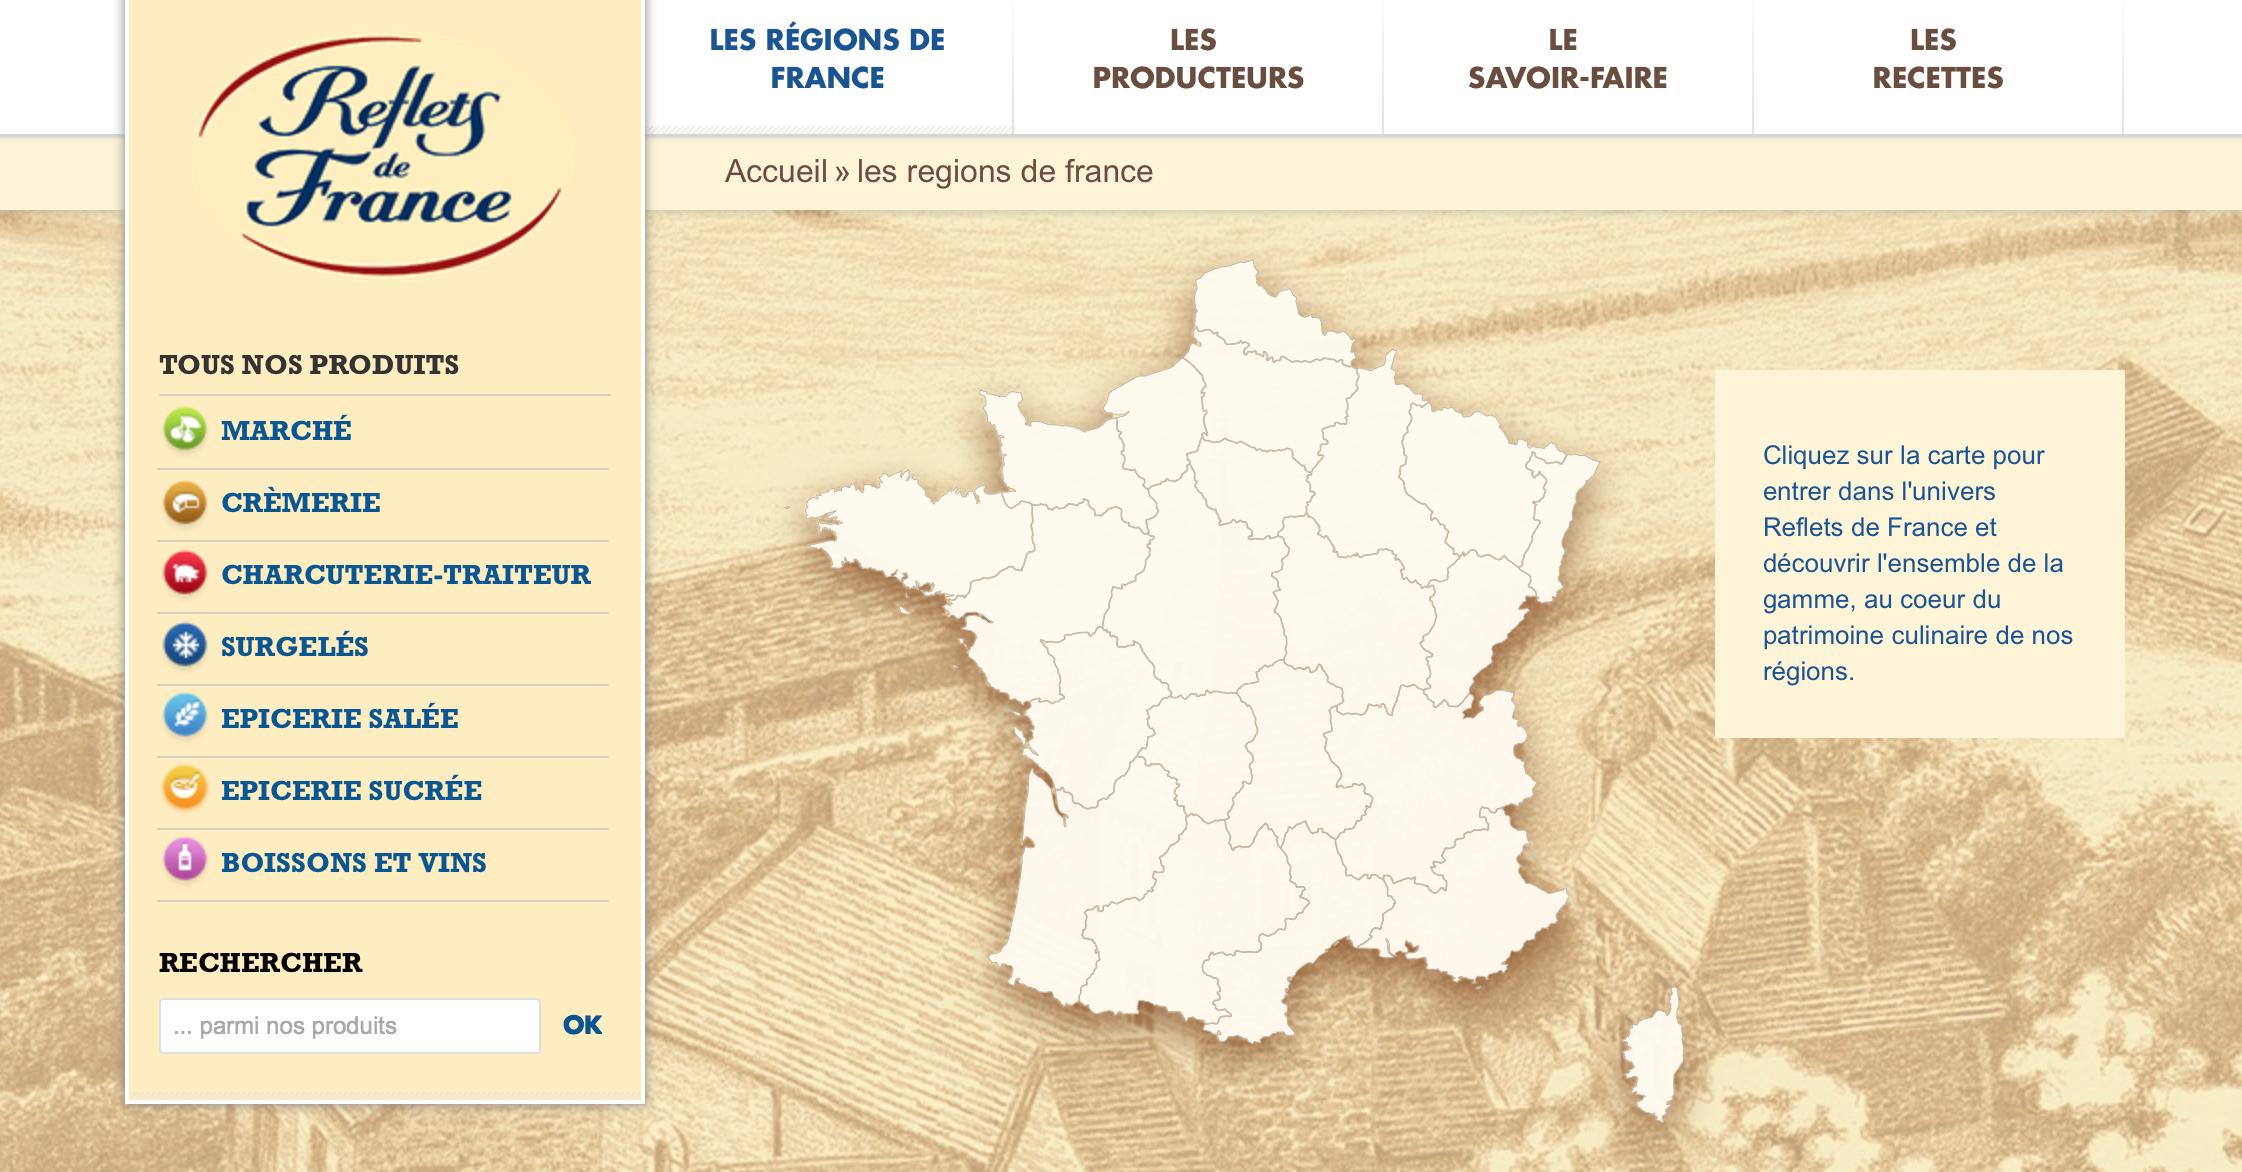 site-web-reflets-de-france